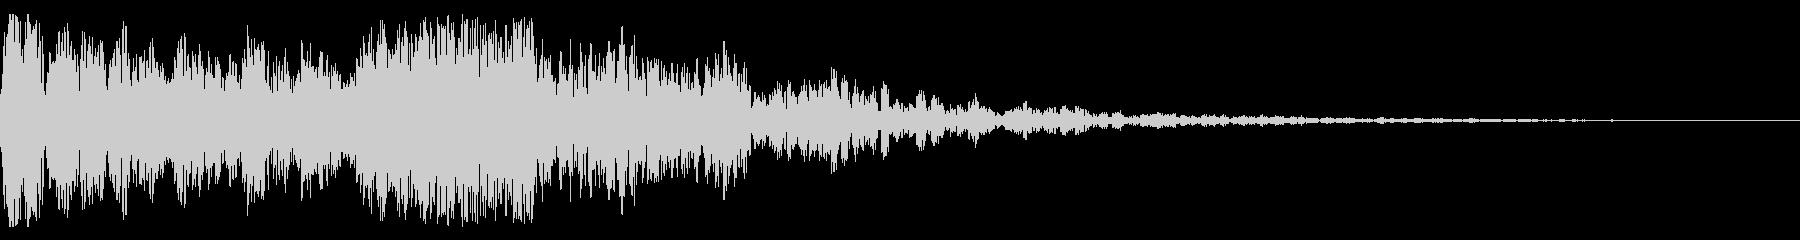 ハリウッド系 ド迫力ドラム ジングル01の未再生の波形